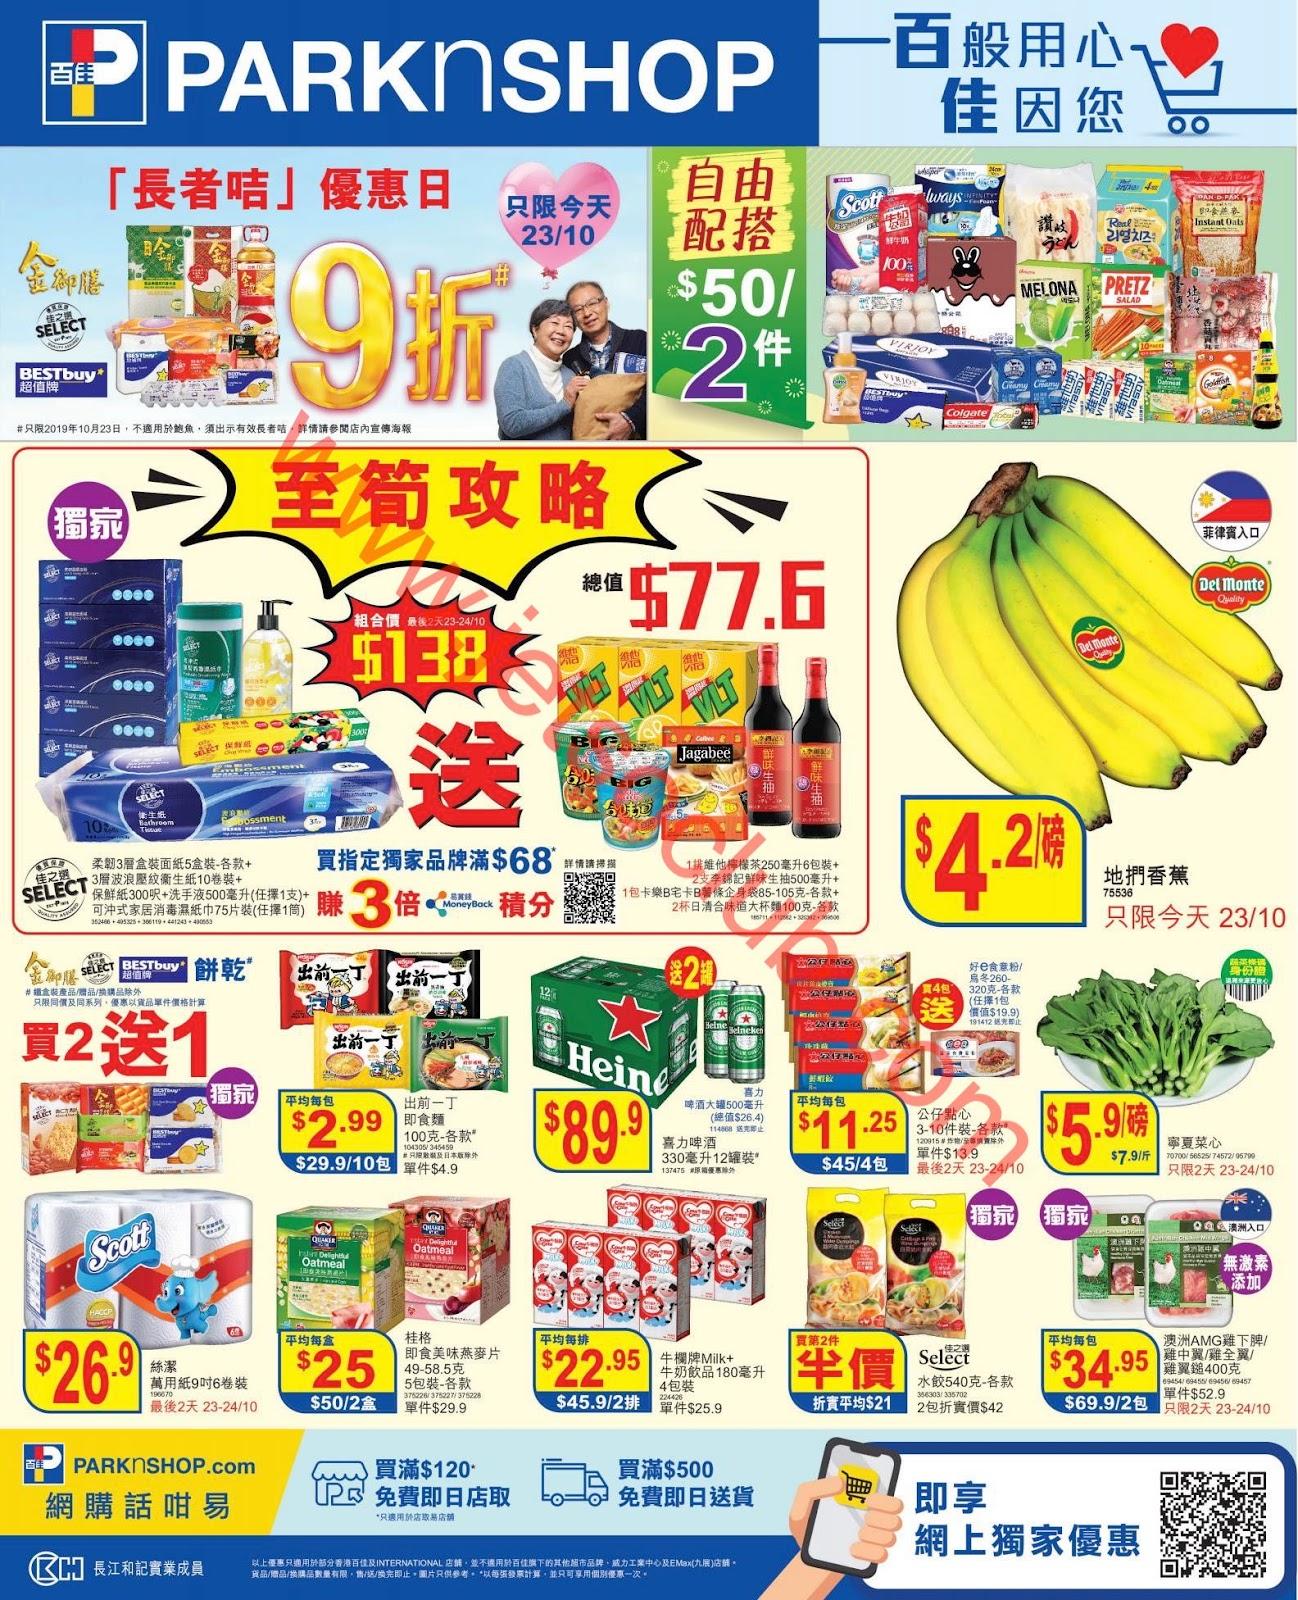 百佳/惠康超級市場最新優惠(23/10) ( Jetso Club 著數俱樂部 )